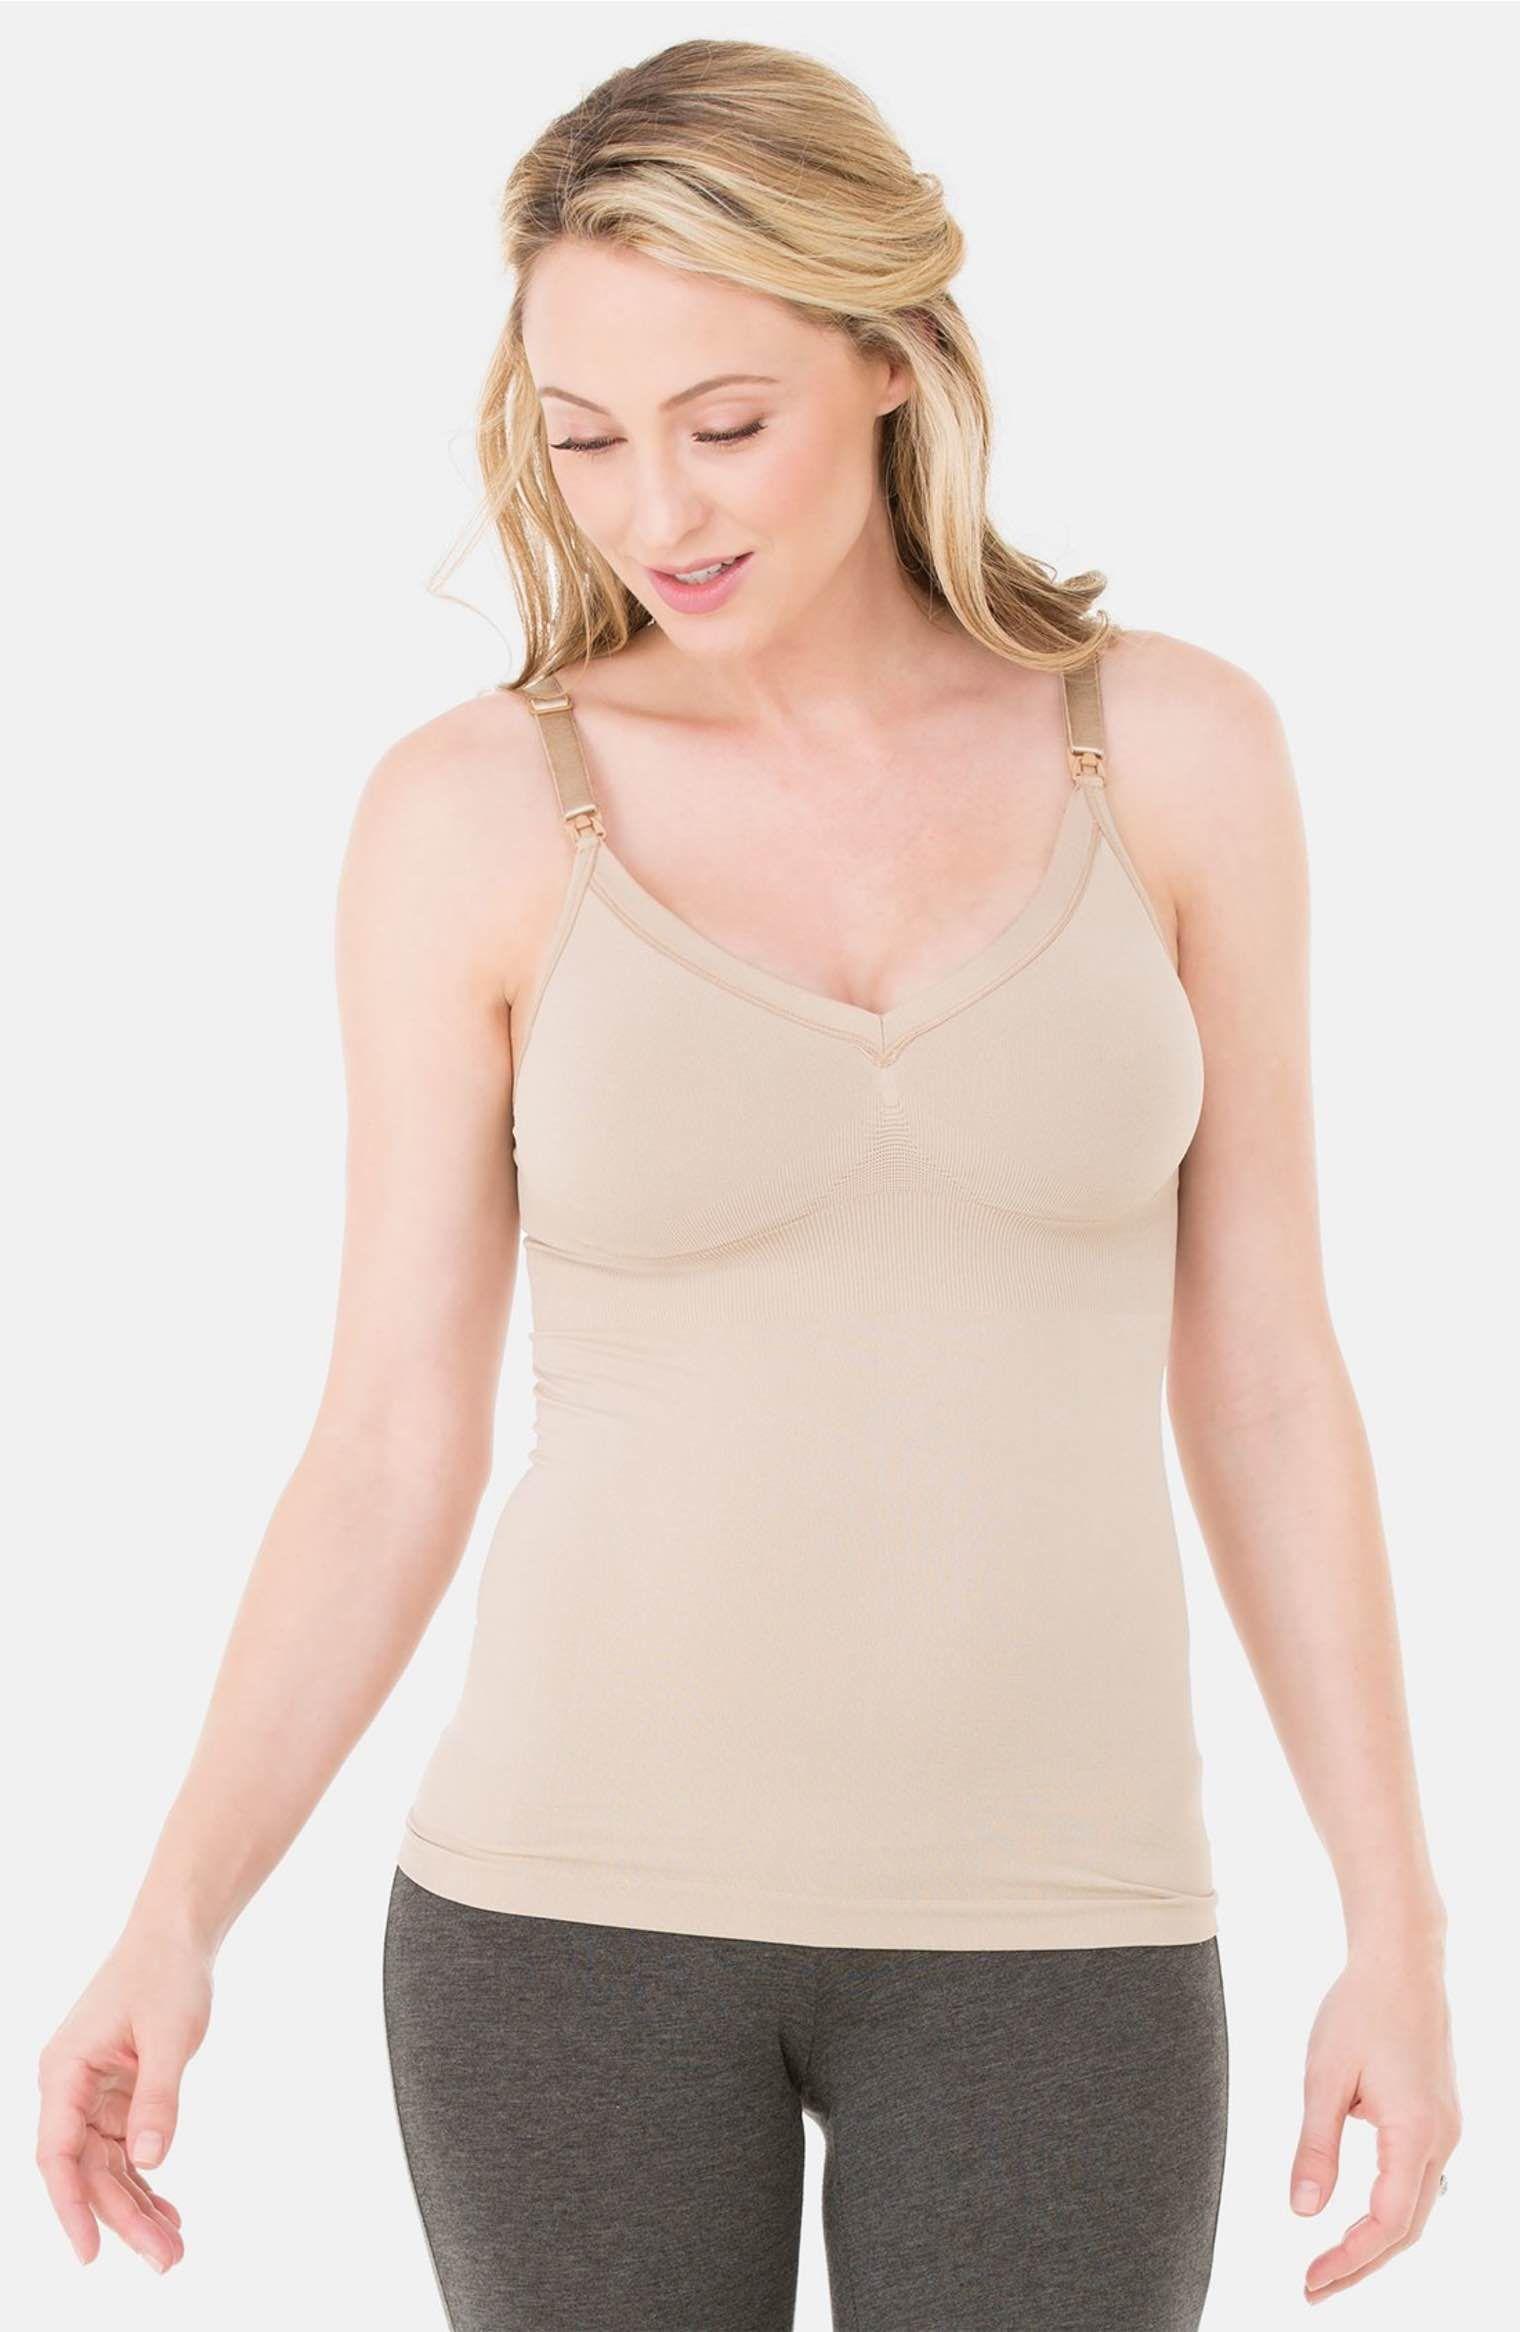 984eb3b5bf9 Main Image - Ingrid   Isabel® Seamless Maternity Nursing Tank ...